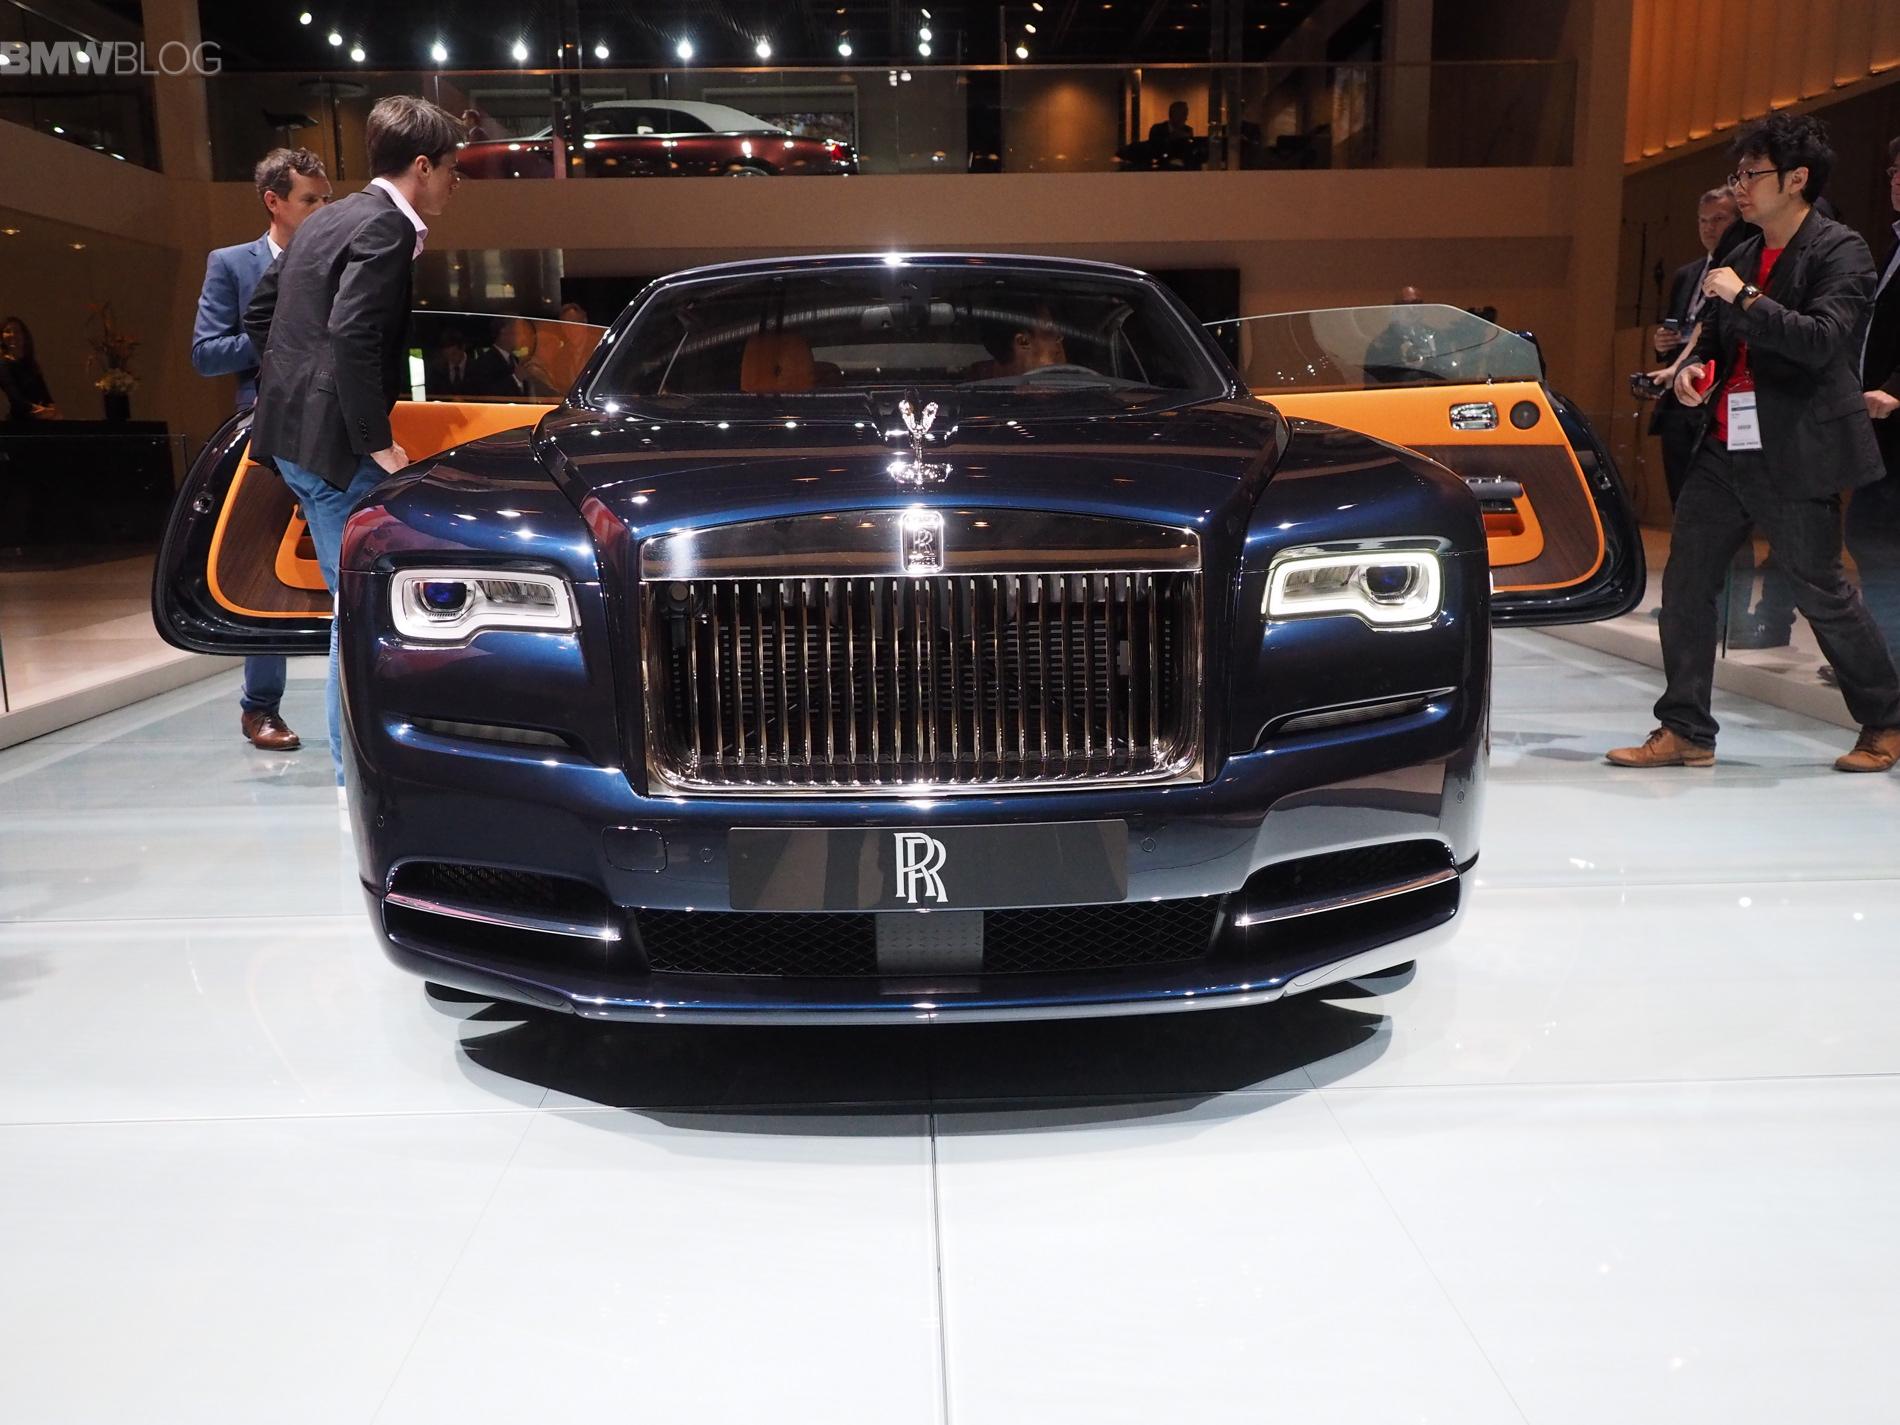 Rolls Royce Dawn images 1900x1200 041